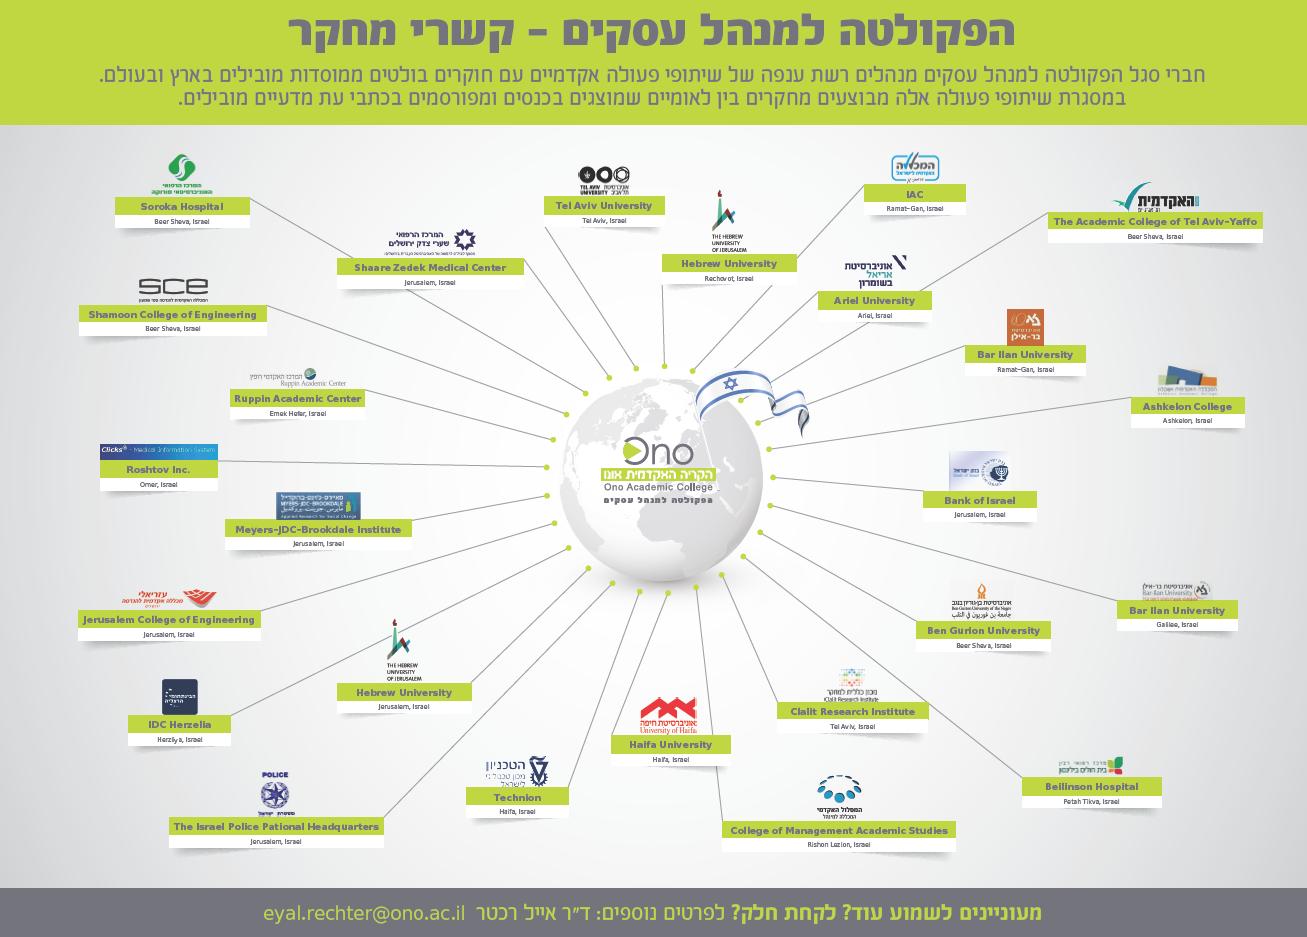 שיתופי פעולה בישראל